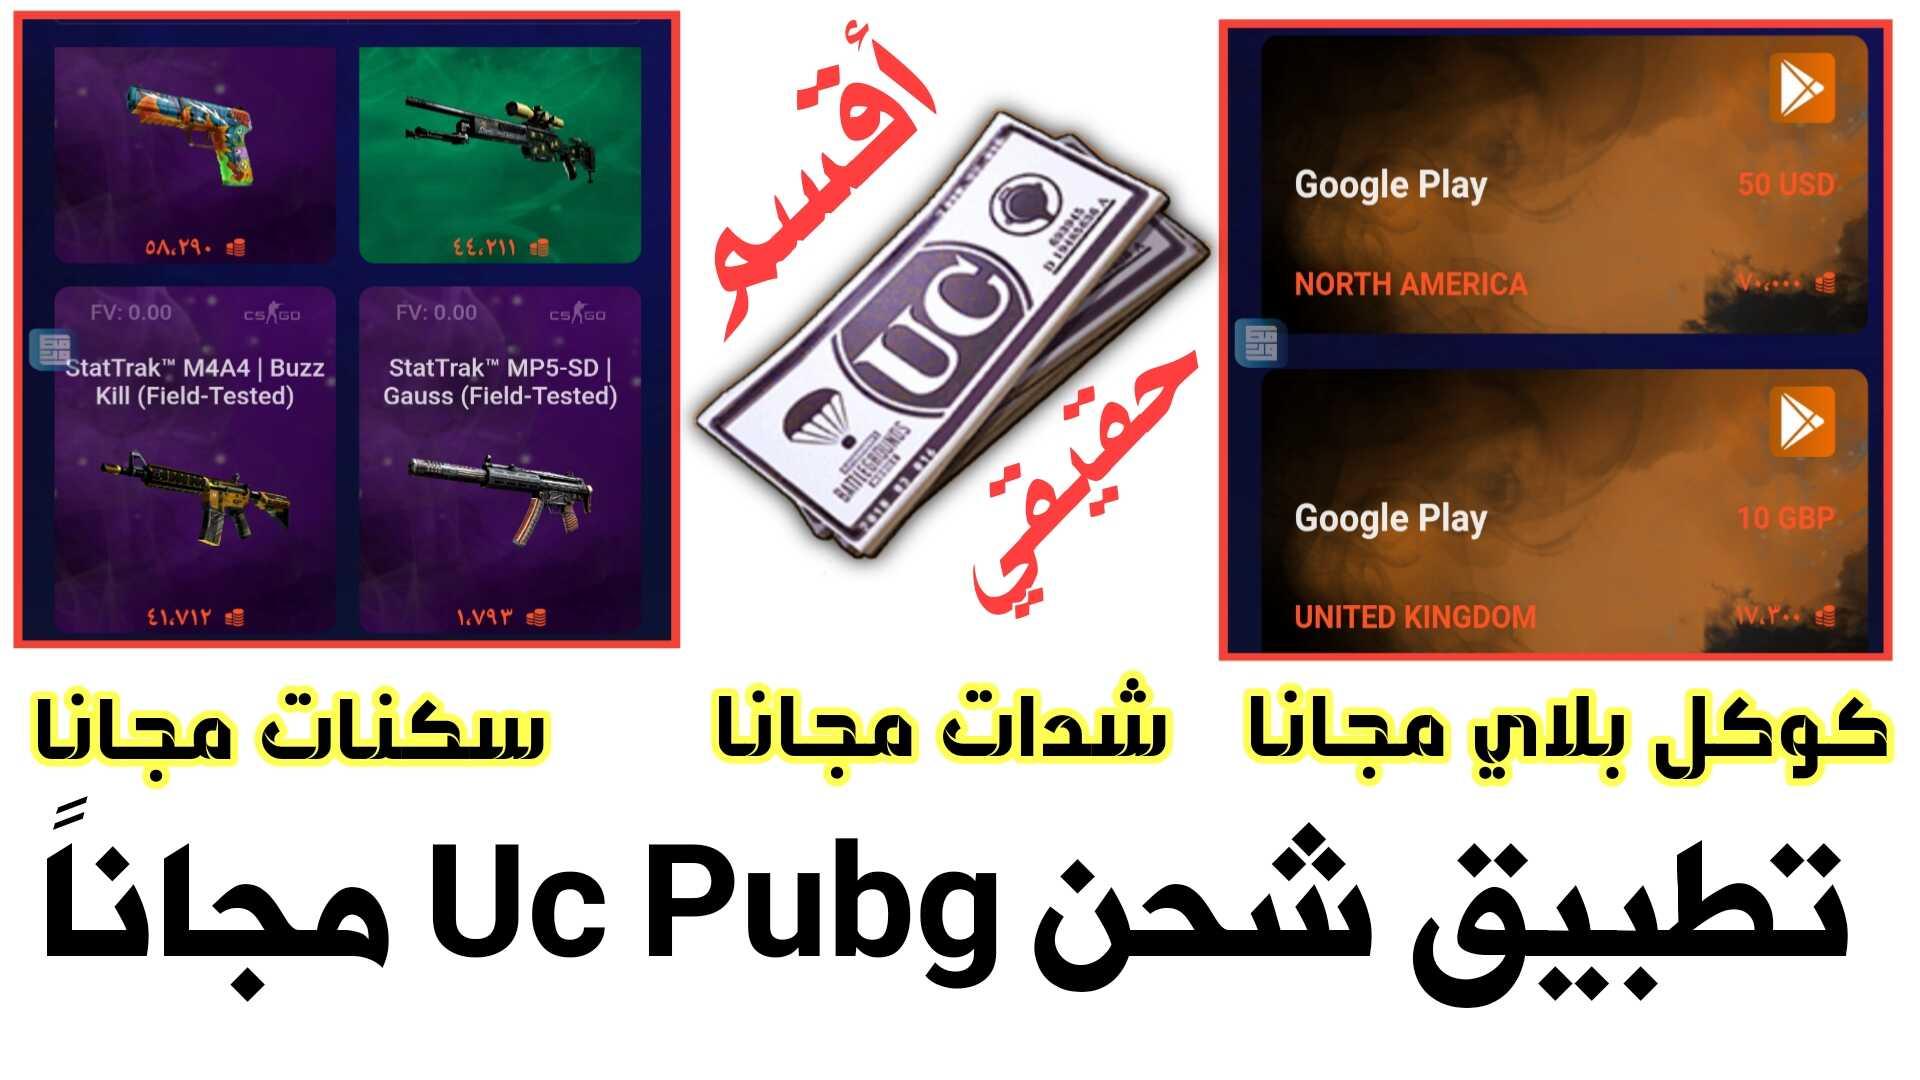 تطبيق شحن Uc Pubg مجانا أقسم لكم حقيقي